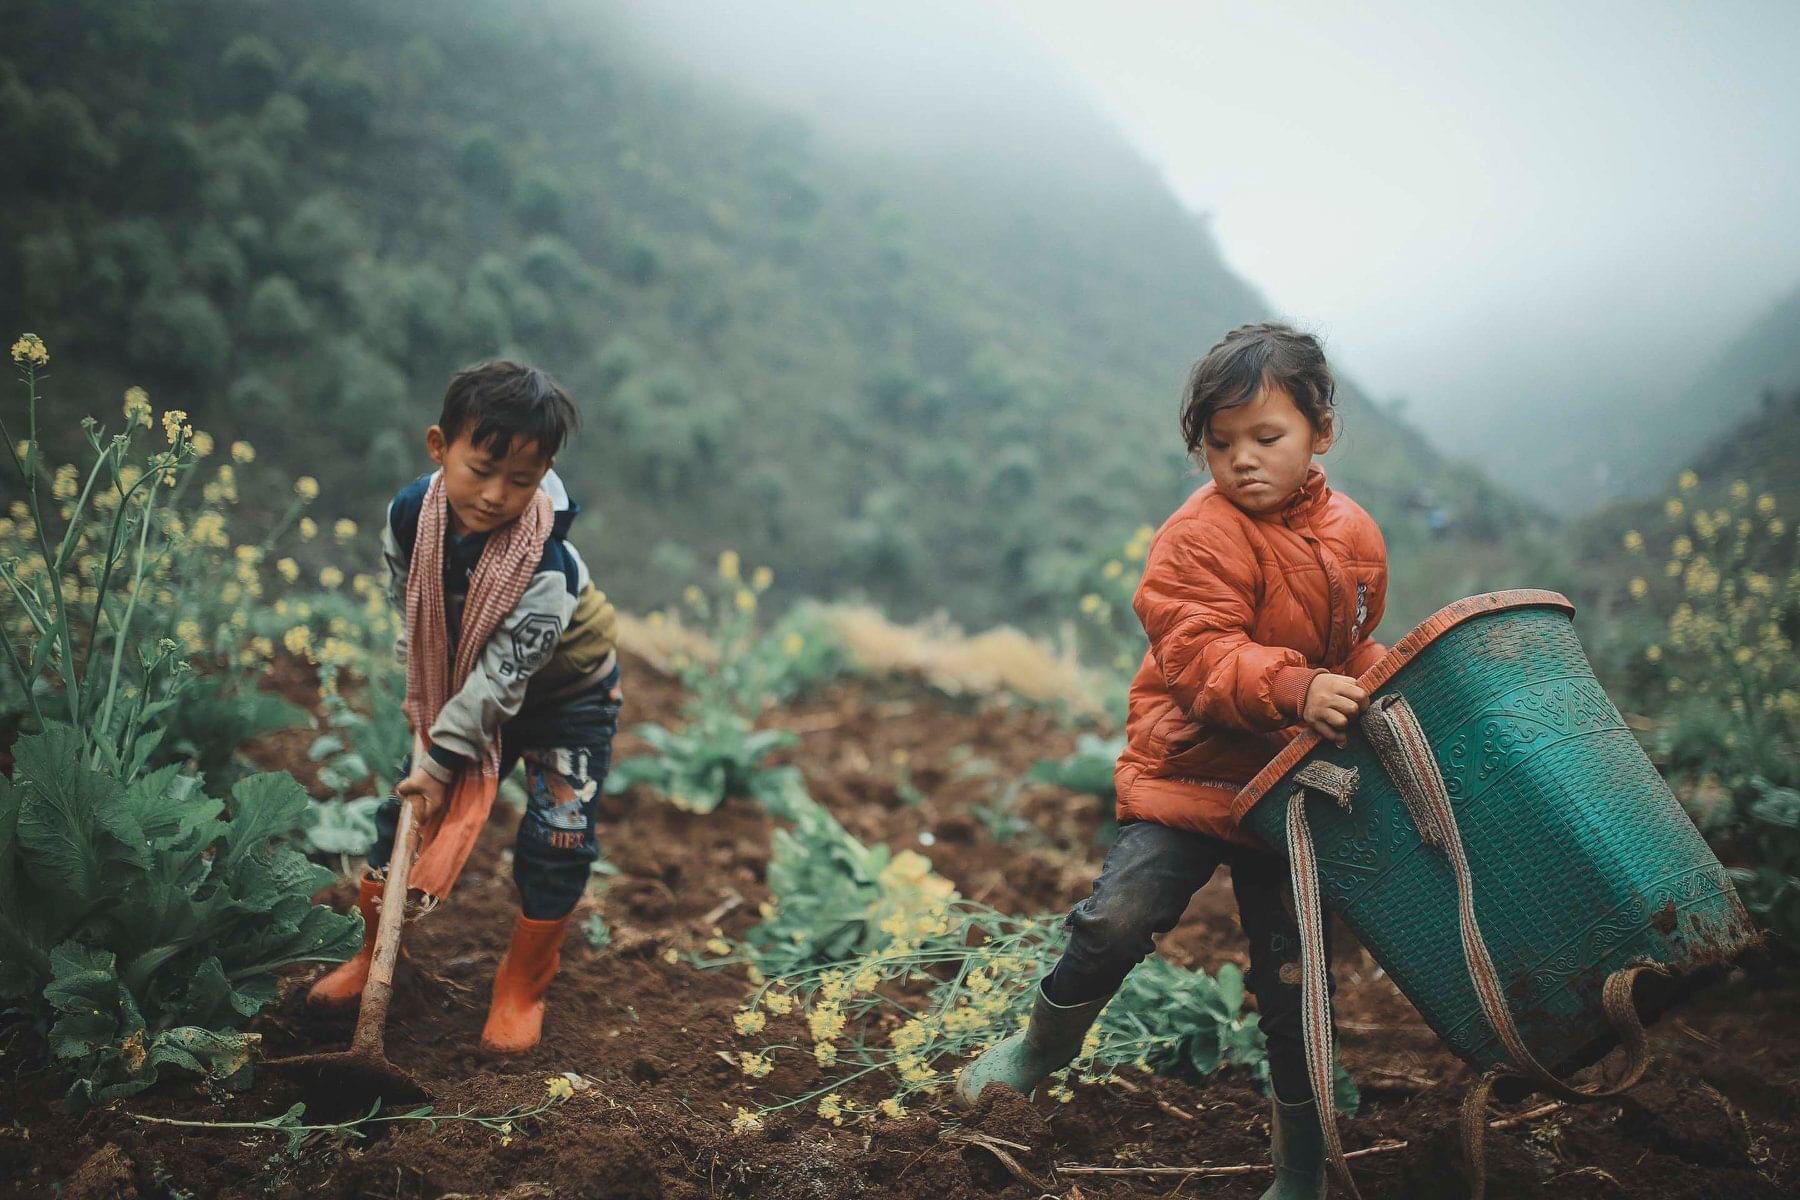 2 bé HMông cặm cụi cuốc đất, gieo hạt phụ bố mẹ và nụ cười khiến bao người tan chảy - Ảnh 4.